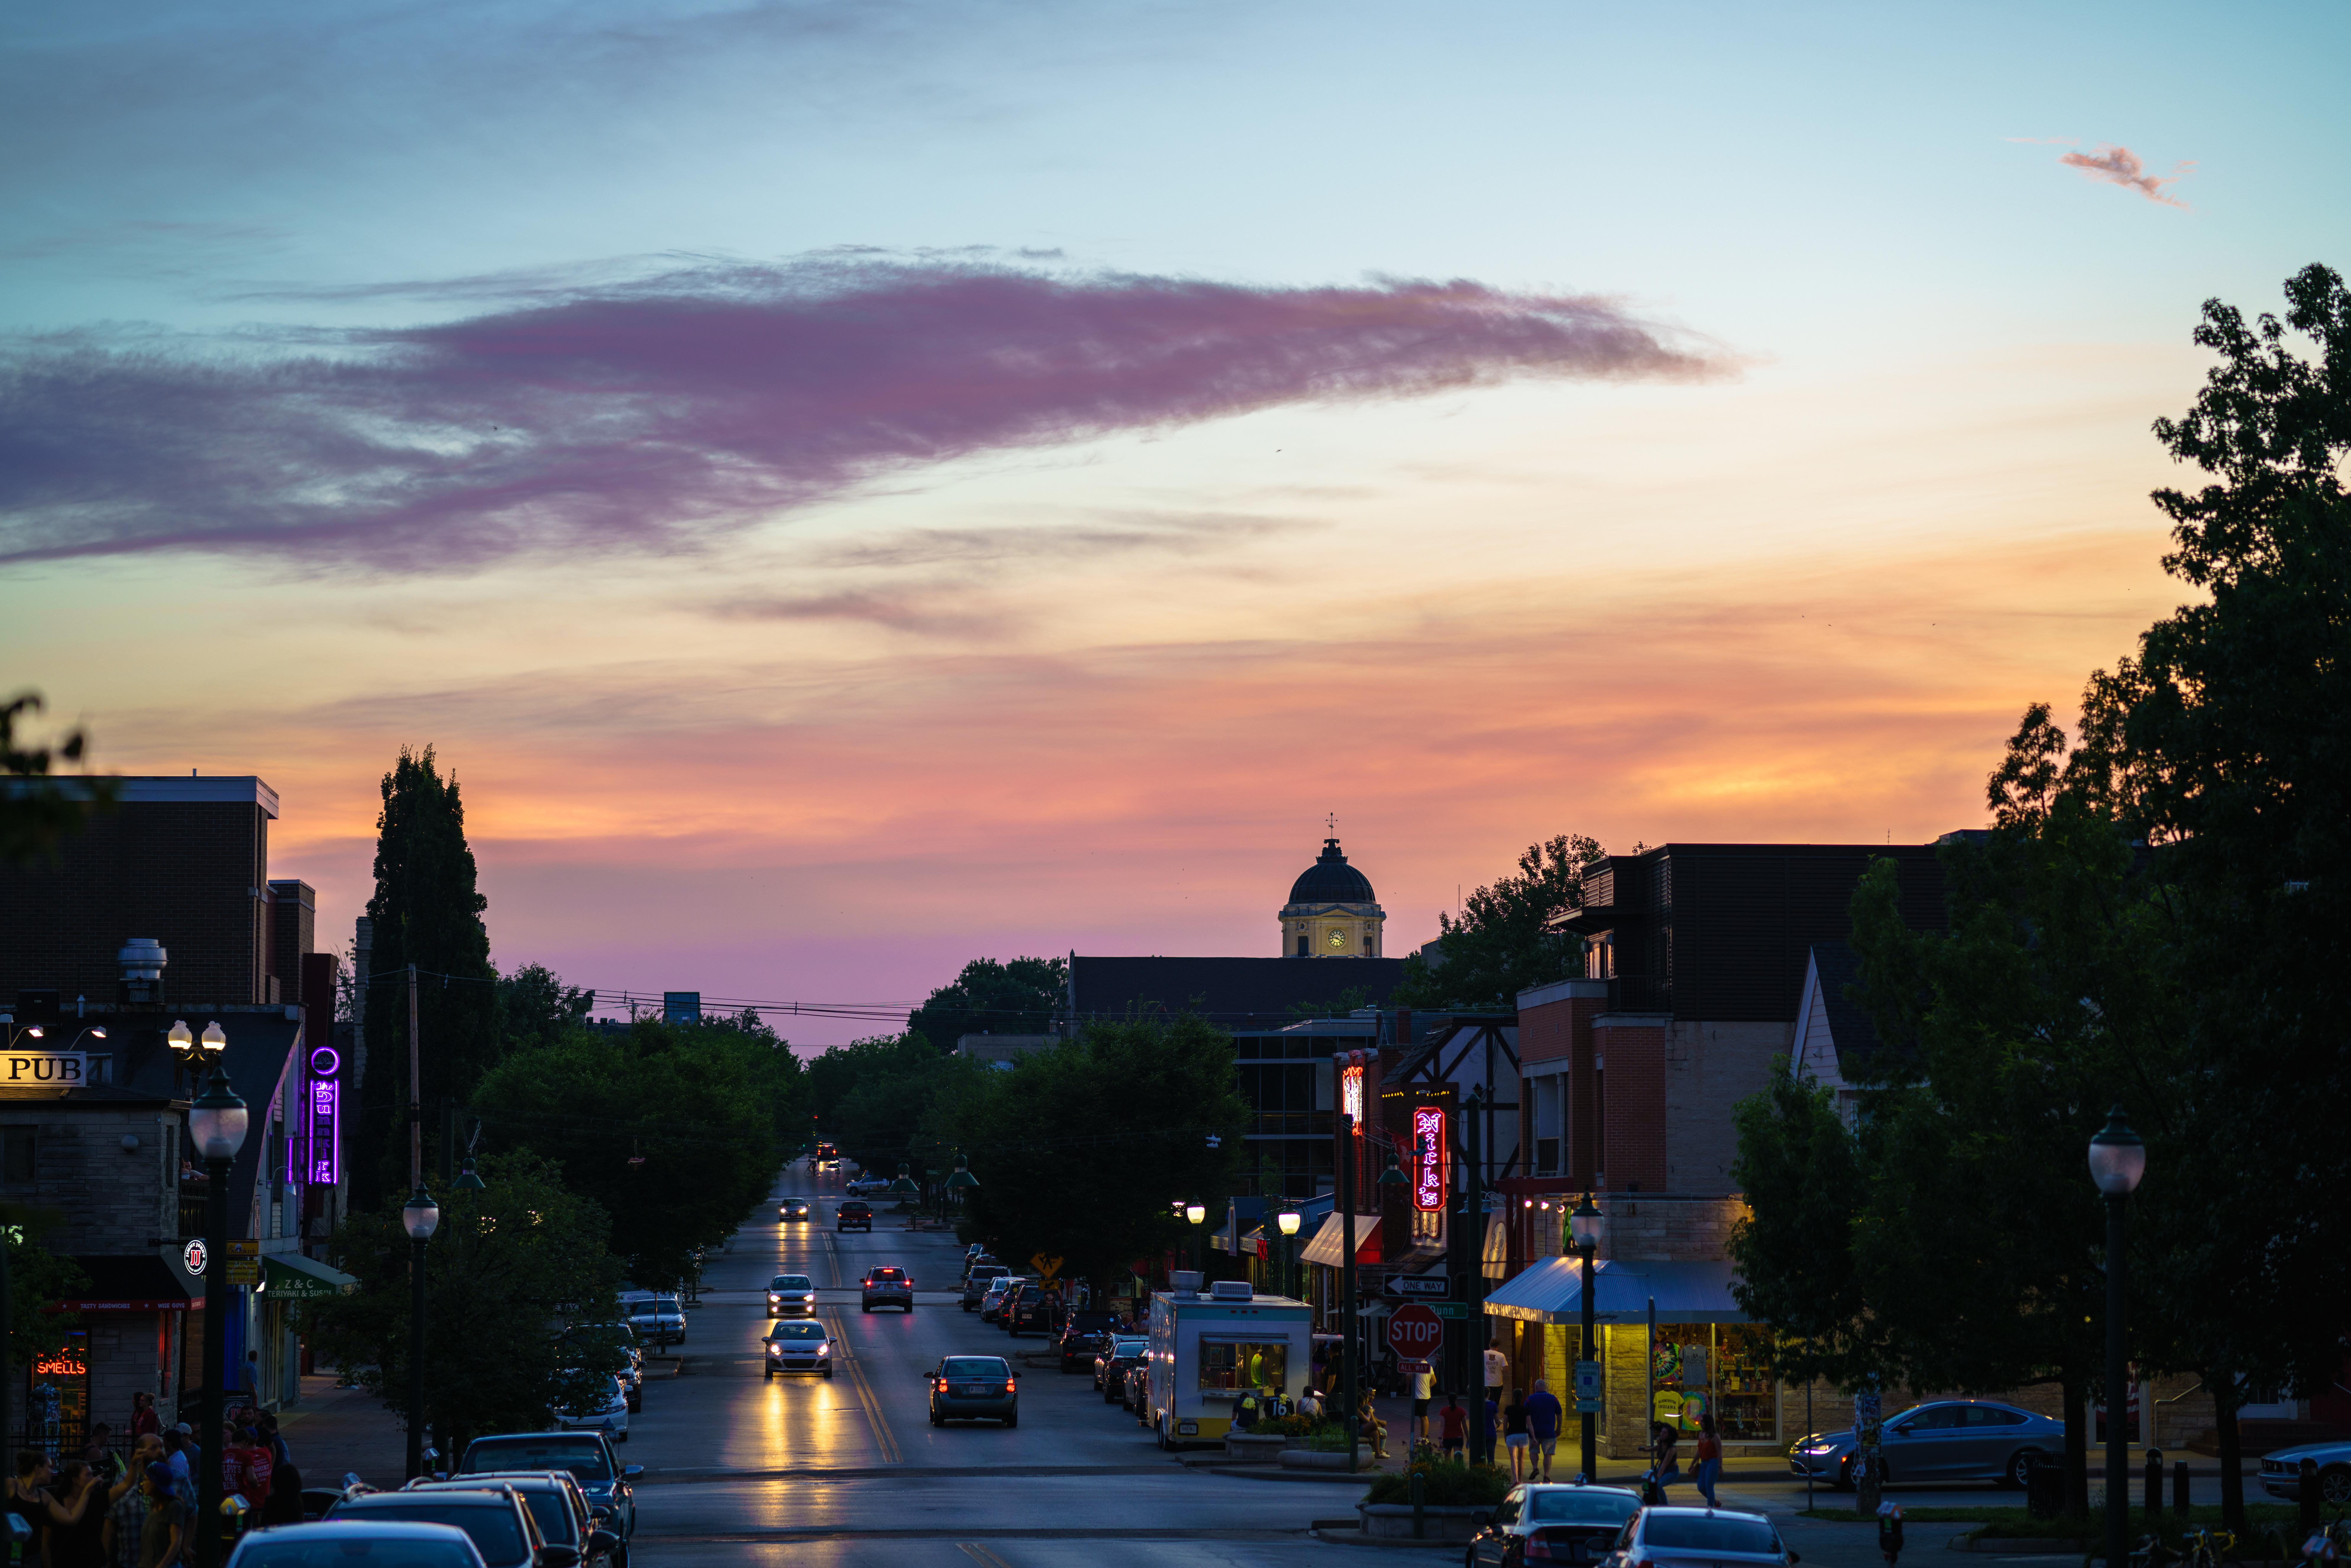 Sunset of Kirkwood Avenue, Bloomington Indiana